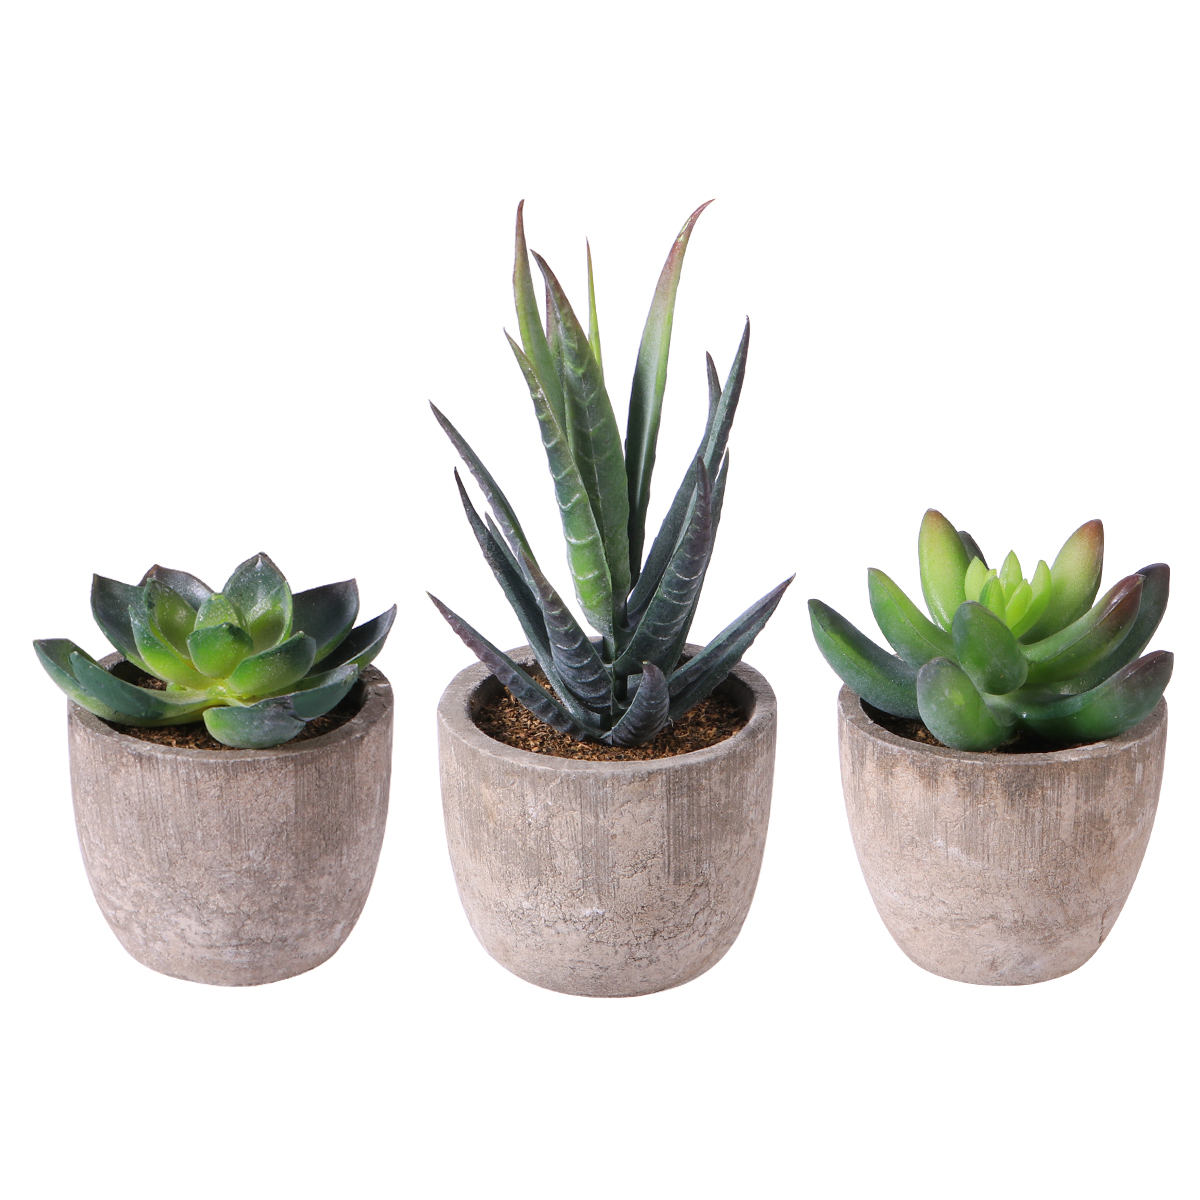 Home Artificial Succulent Plants Fake Artificial Bonsai with Pots Decorative Ball Plants Artificial Flower Mini Plants decor 1